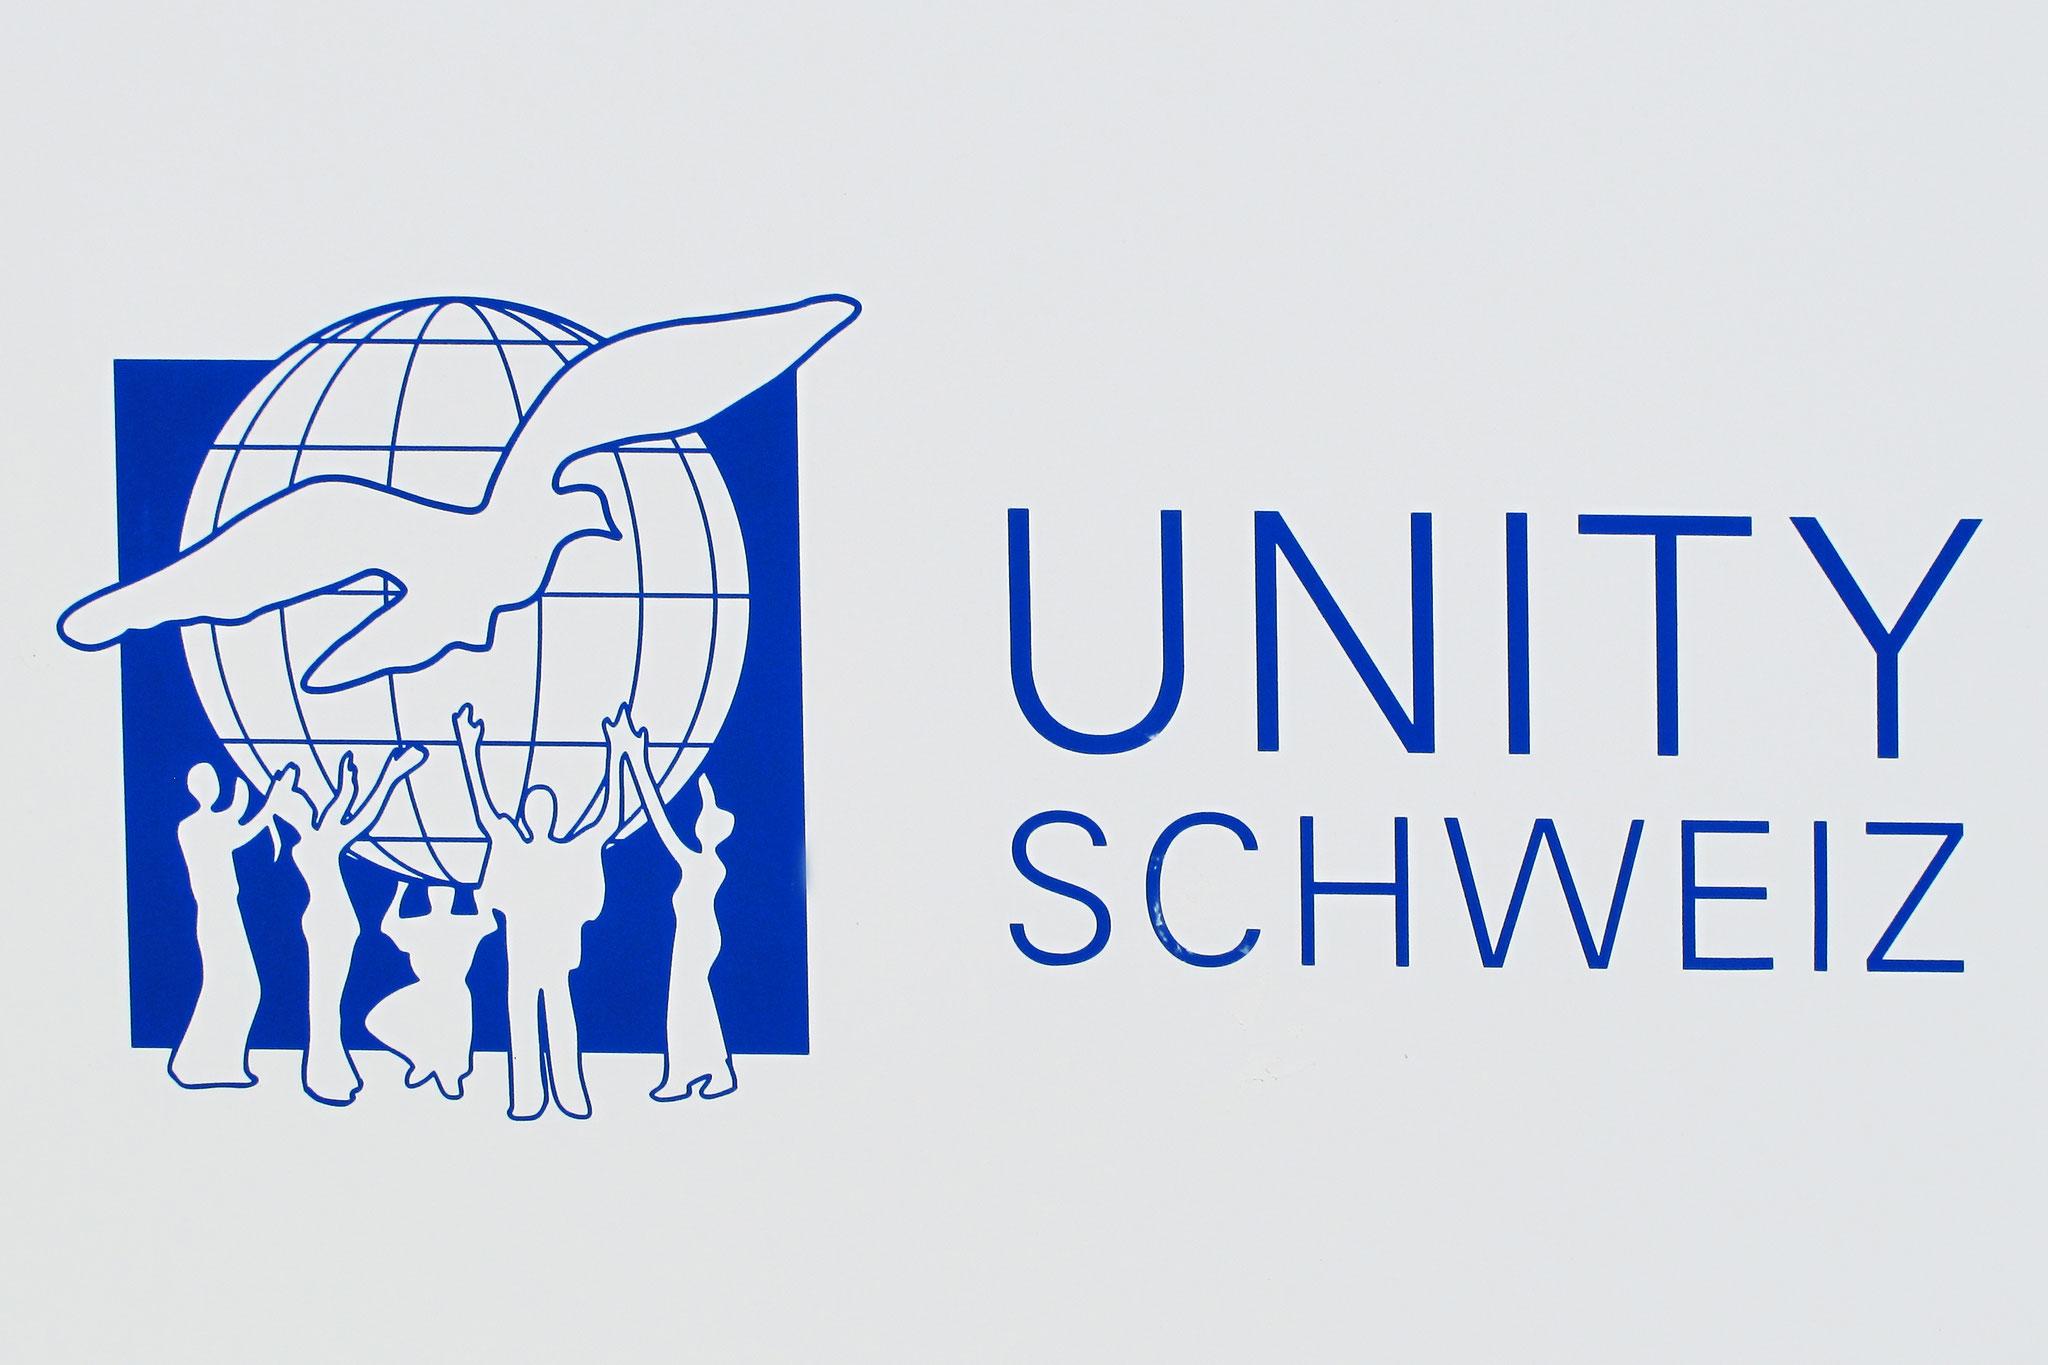 Unity Schweiz (Sendeort)